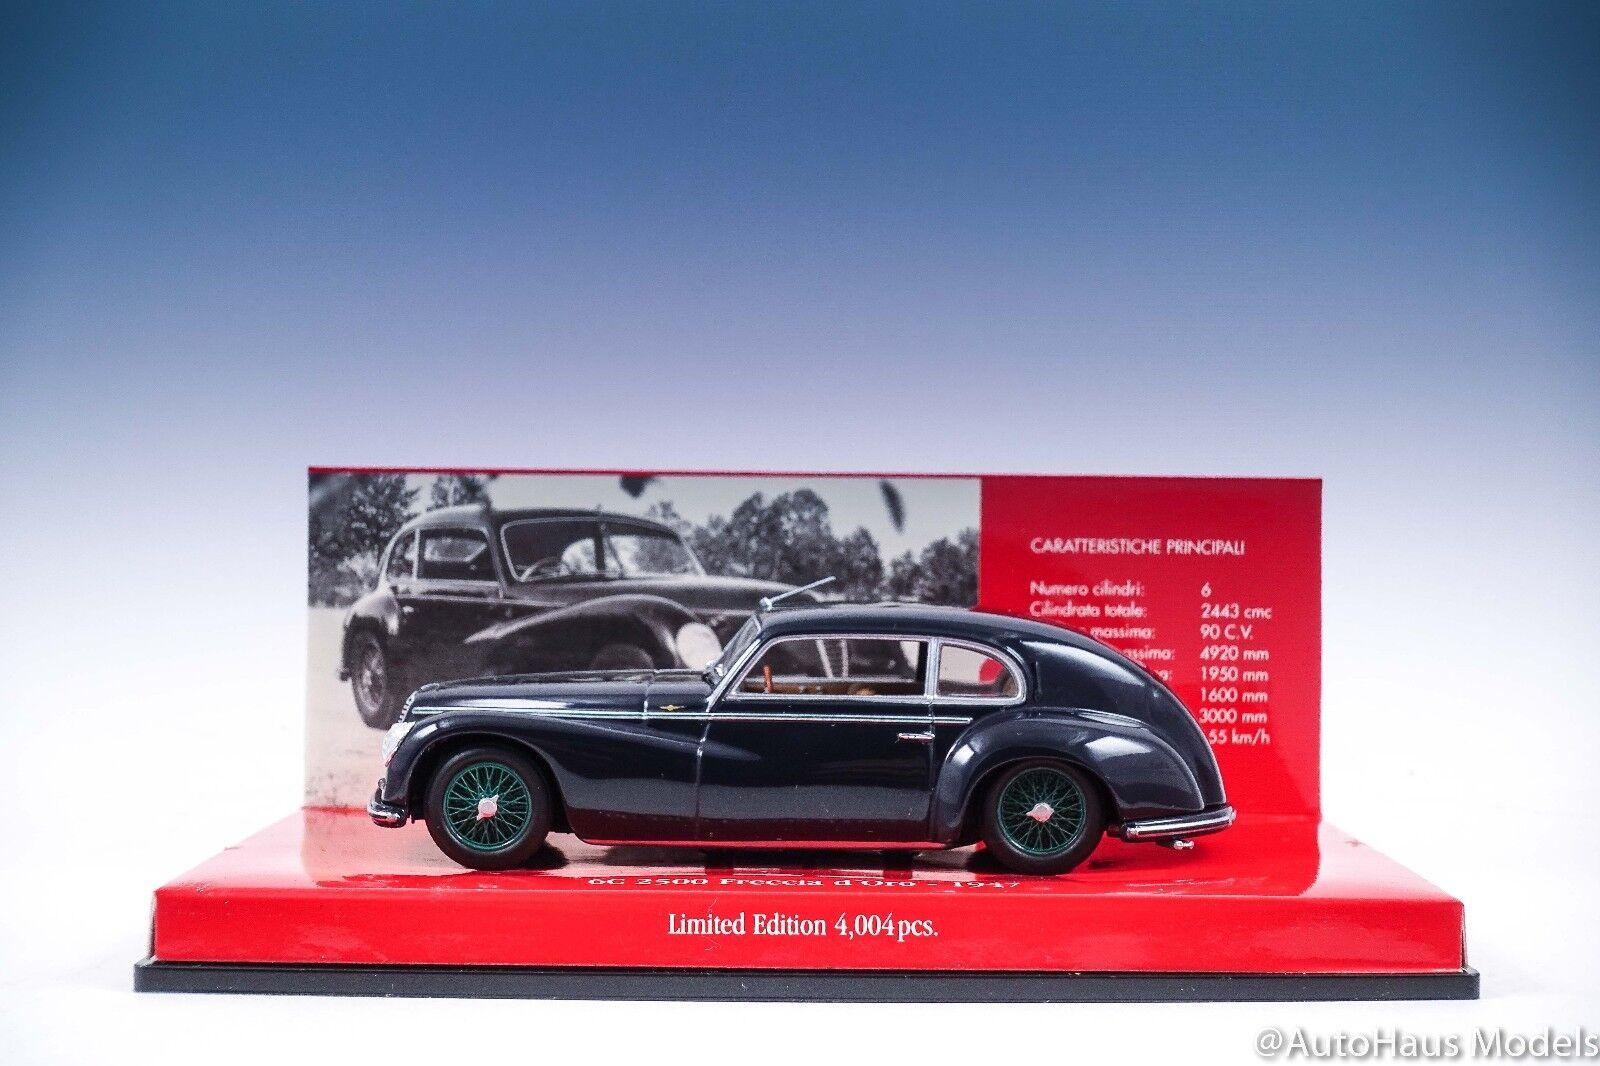 mejor servicio Minichamps 1 43 403 120483 Alfa Romeo 6C 6C 6C 2500 Freccia D 'oro 1947-Azul Oscuro  Con 100% de calidad y servicio de% 100.